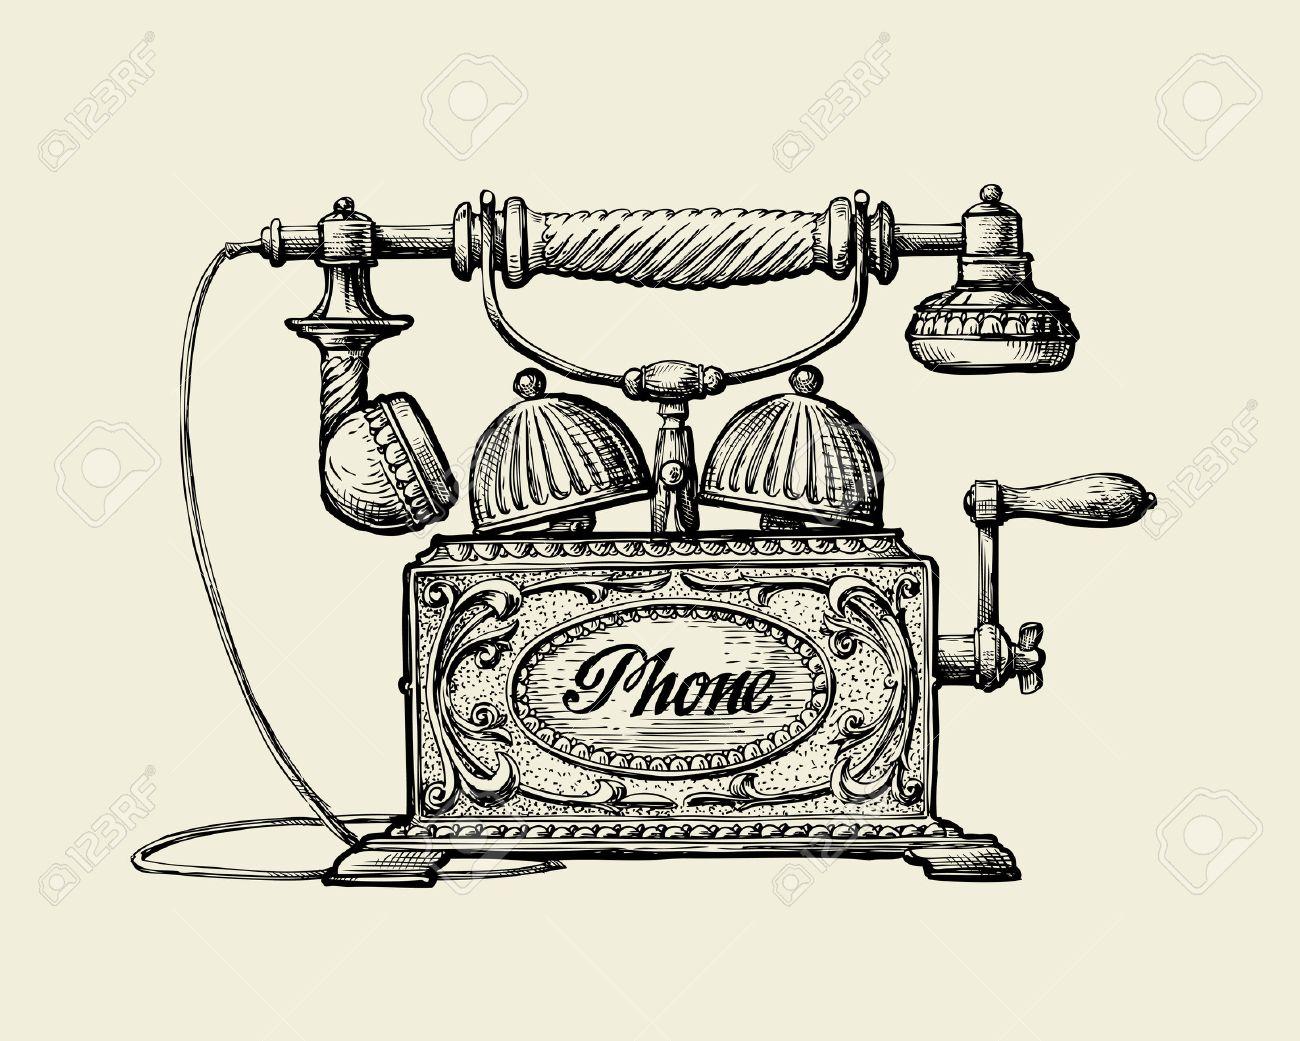 amazing stunning telefono vintage telfono de la vendimia dibujado a mano telfono retro dibujos ilustracin with dibujos uas - Dibujos Uas